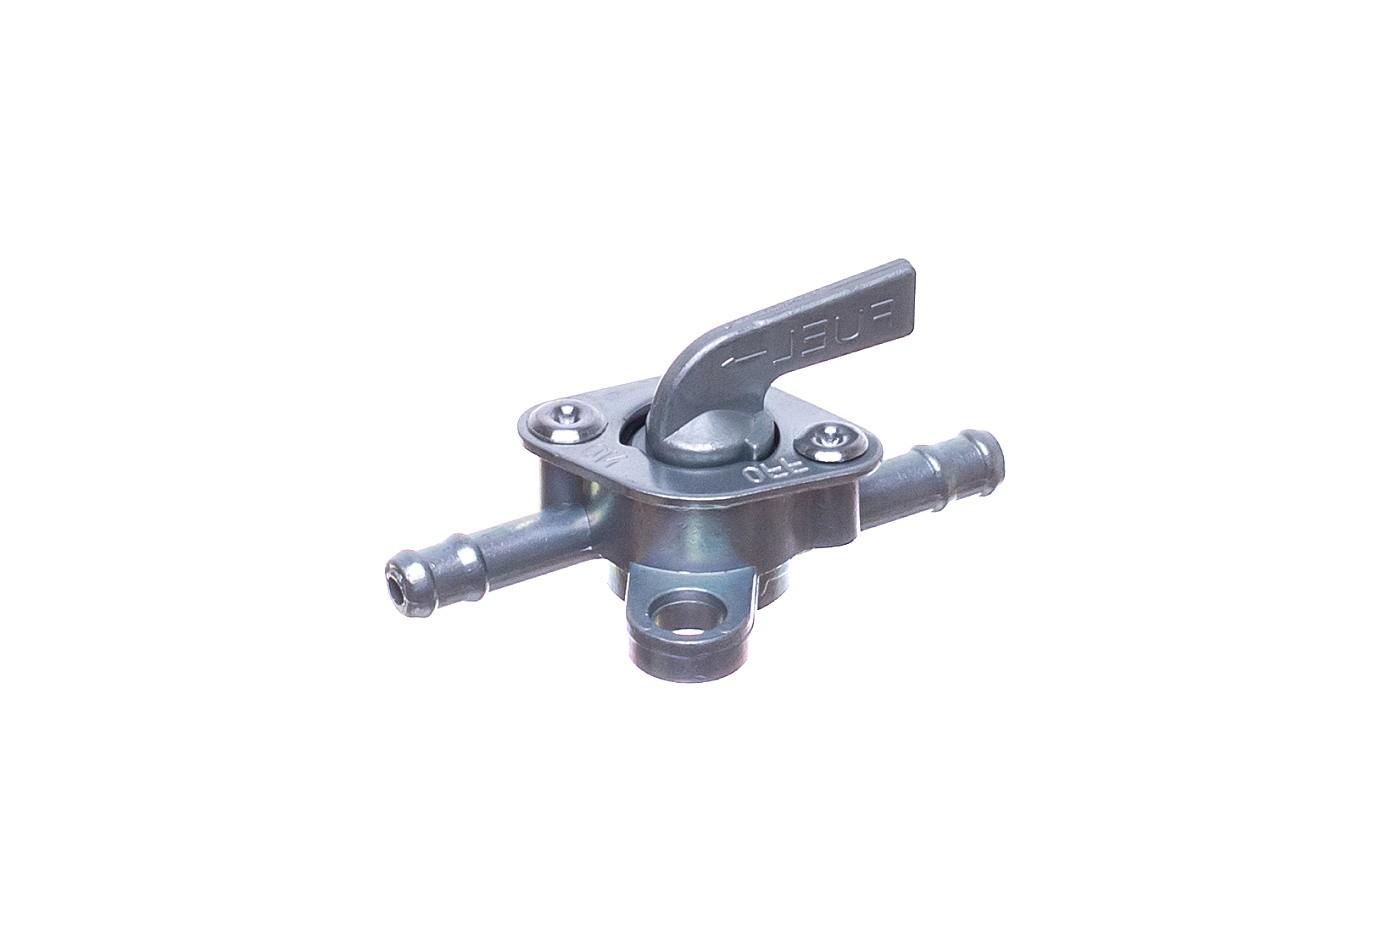 Ventilček paliva HONDA GX120 GX160 GX200 GX240 GX270 GX340 GX390 - 16950-ZB4-015